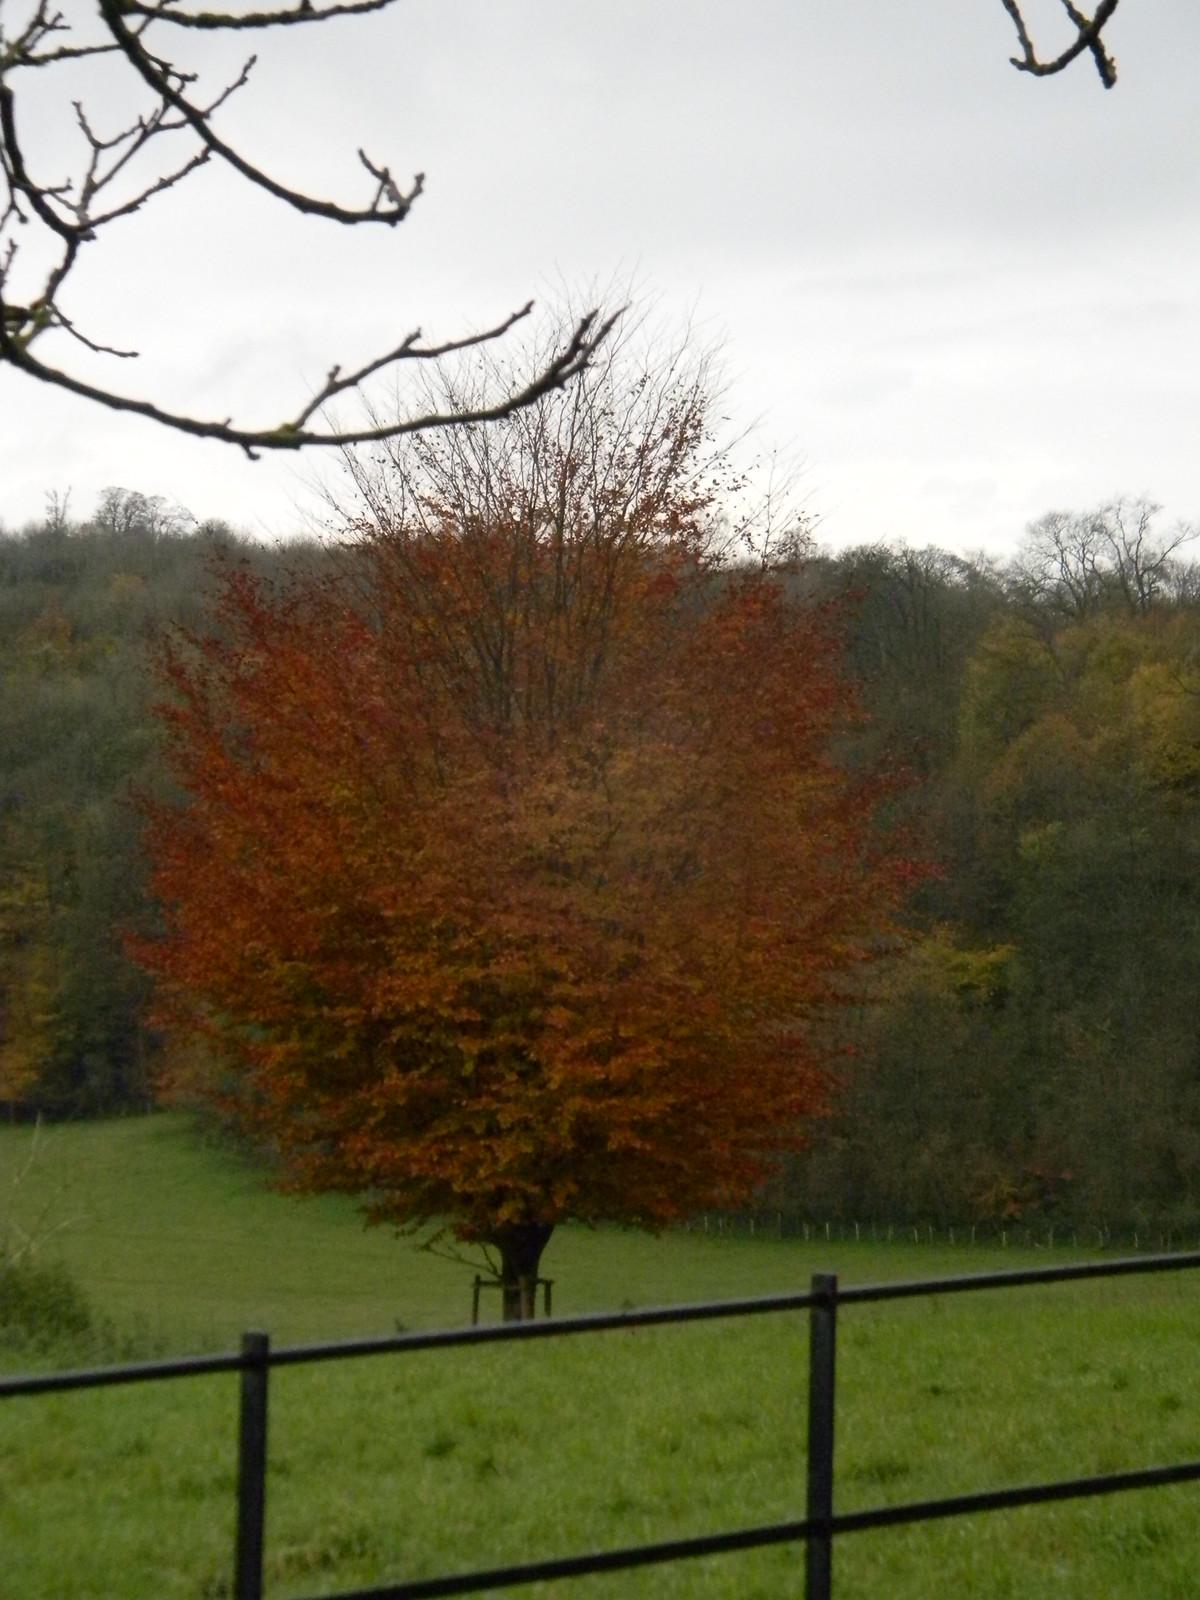 colourful tree Merstham to Tattenham Corner